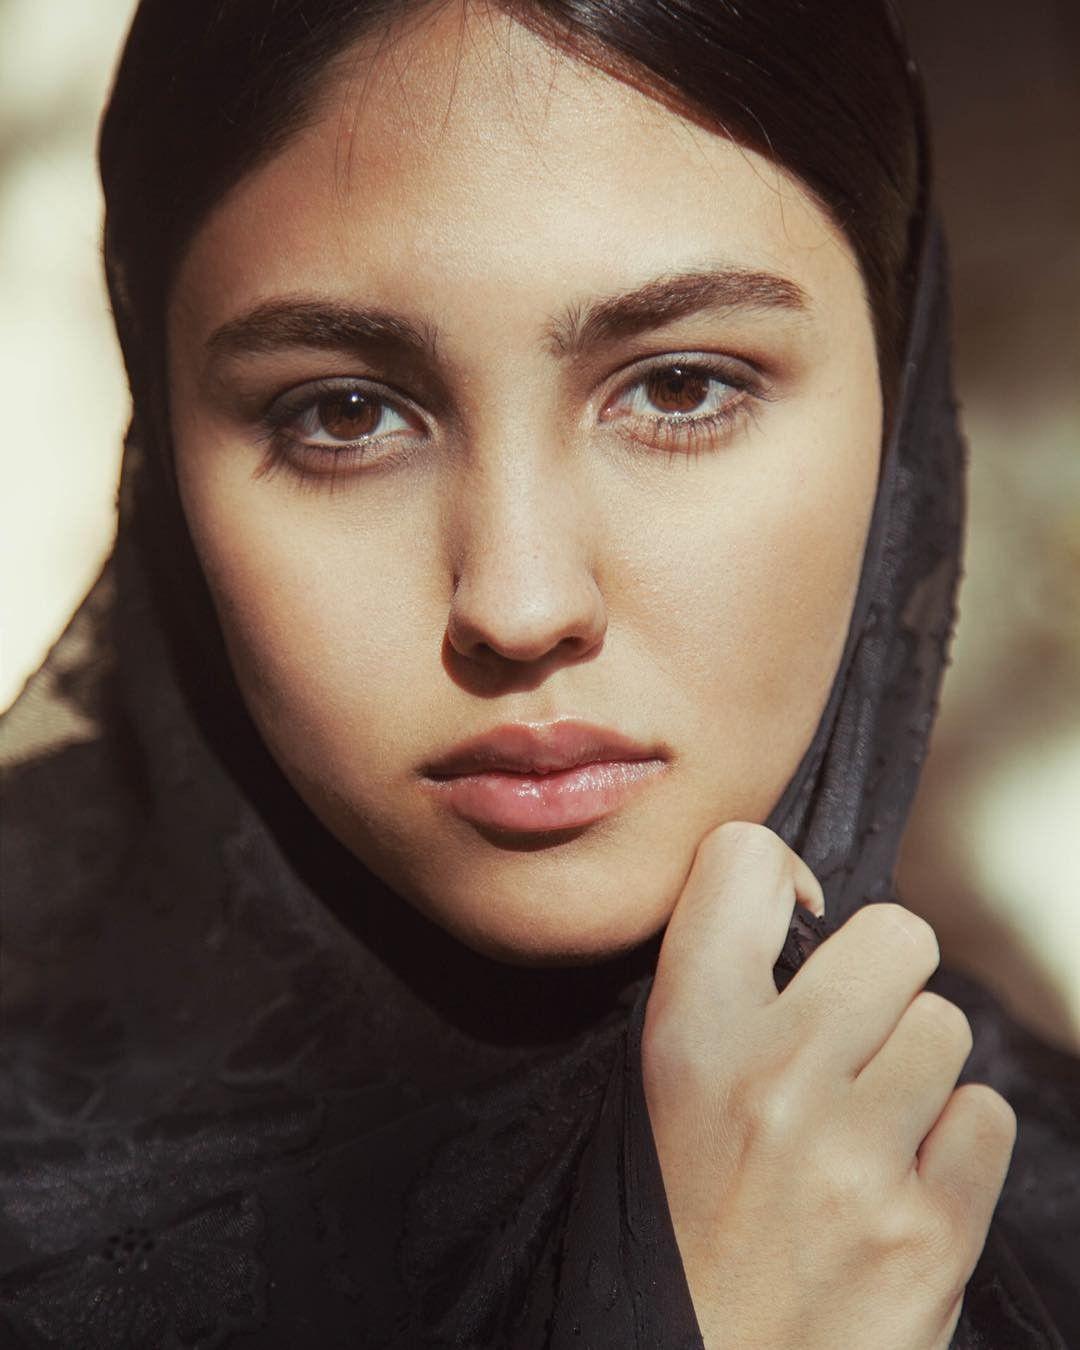 Fashion_Iran image by ROZA | Iranian beauty, Persian women